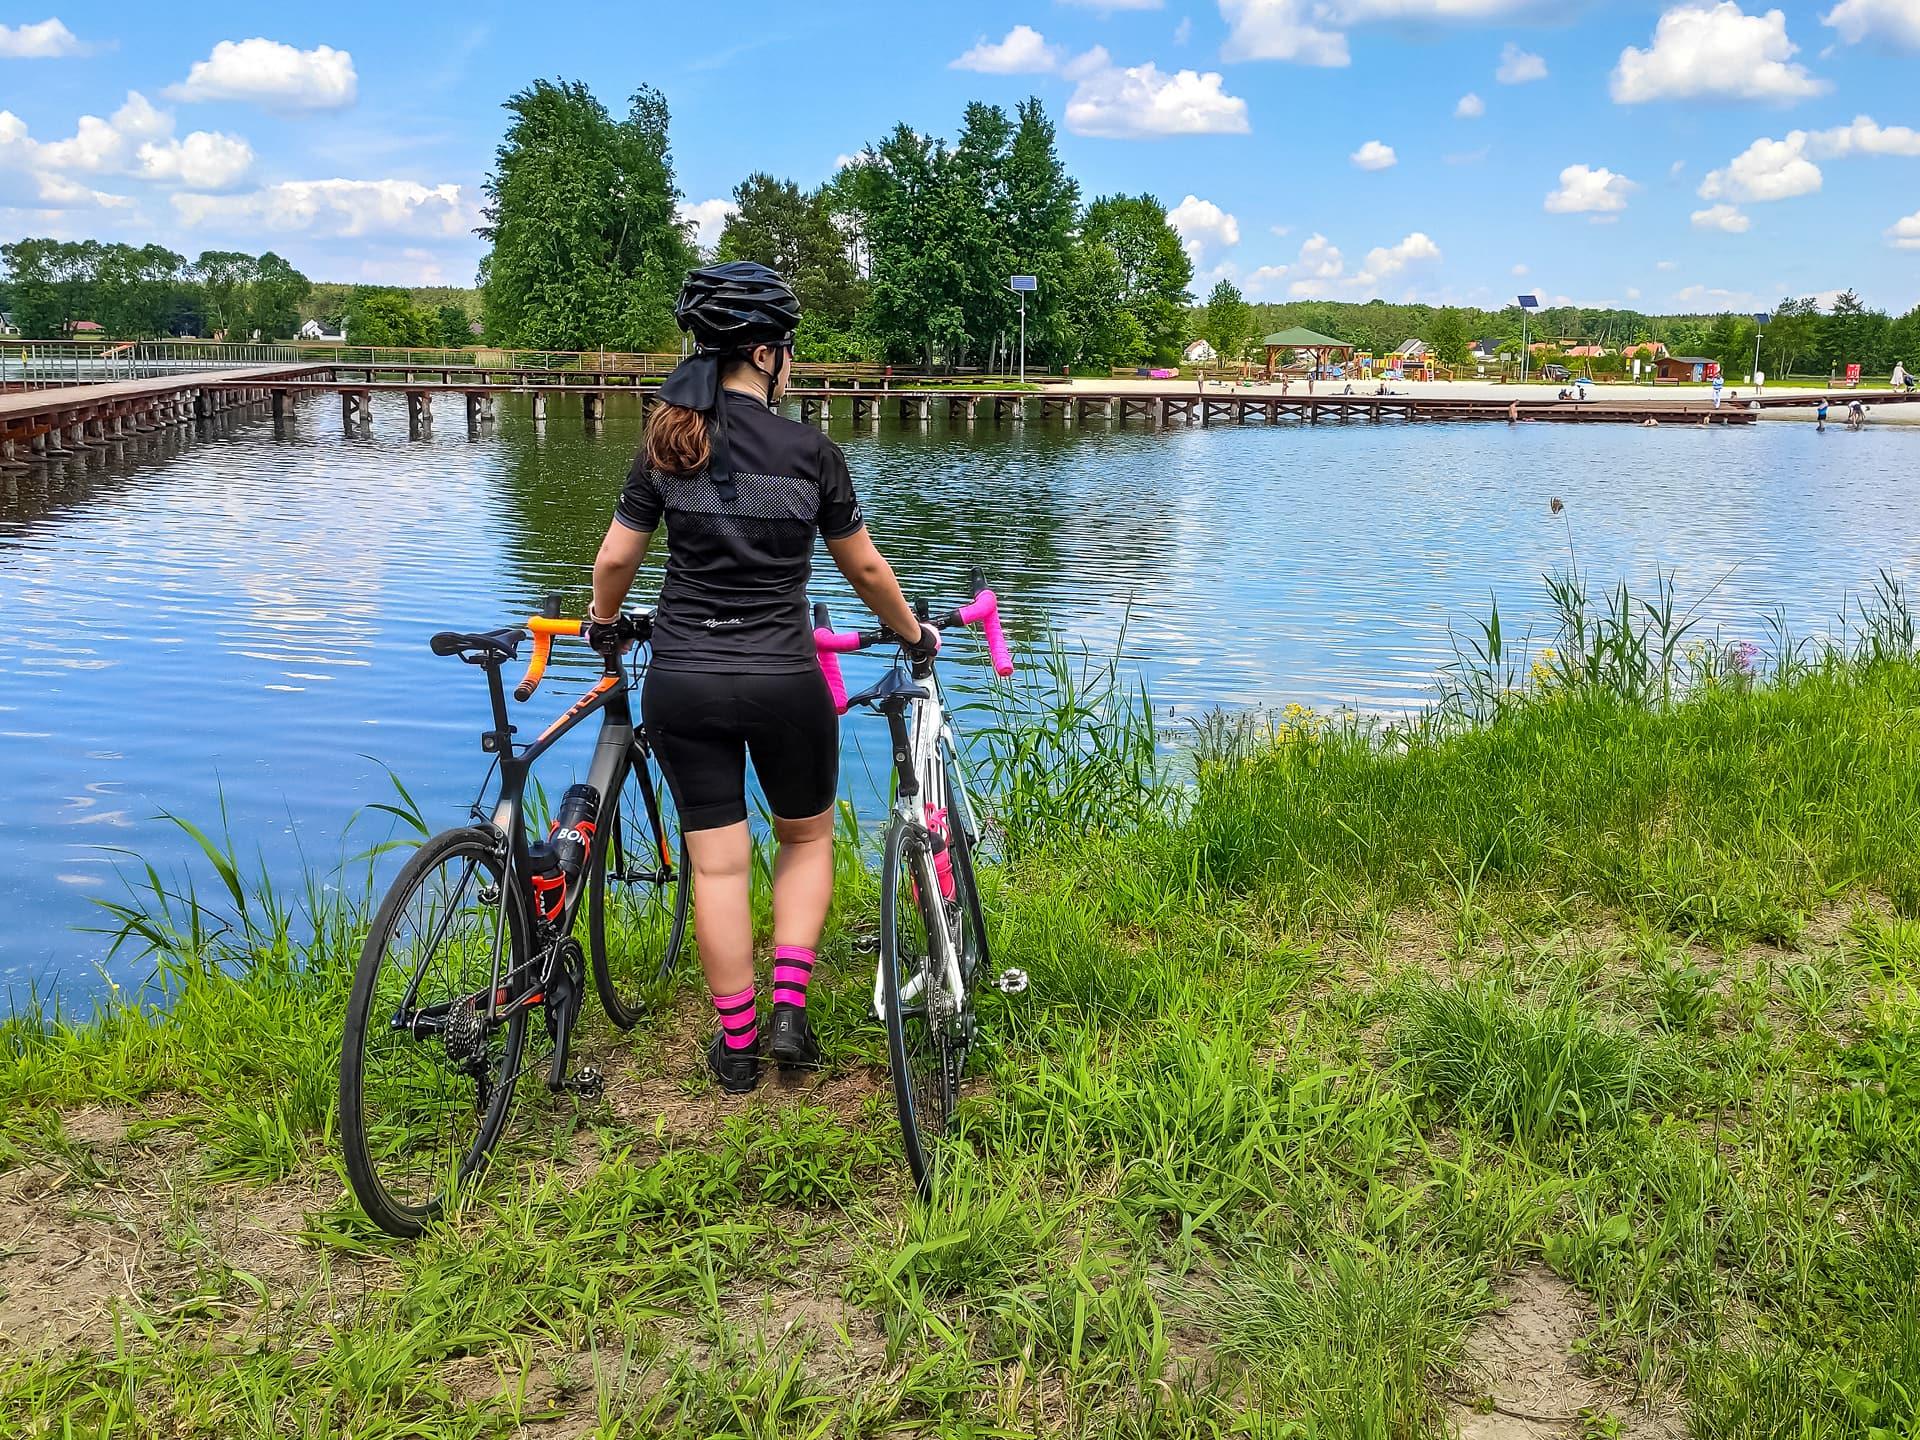 Rowerami nad Kąpielisko w Siołkowicach - blog Cyklopara